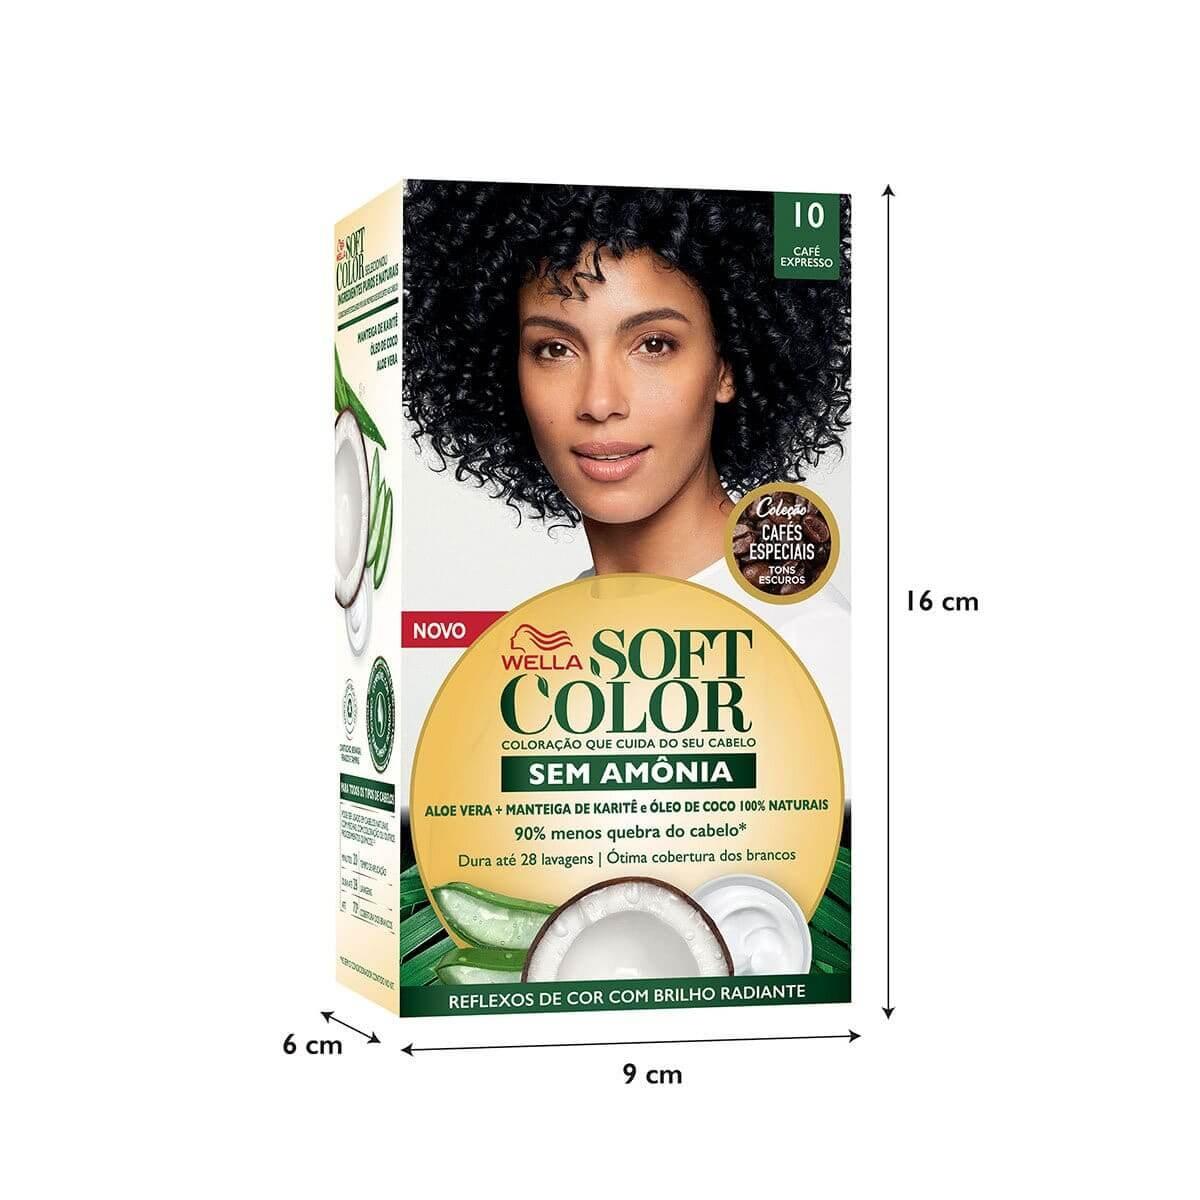 Coloração Soft Color 10 Café Expresso com 1 Unidade 1 Unidade